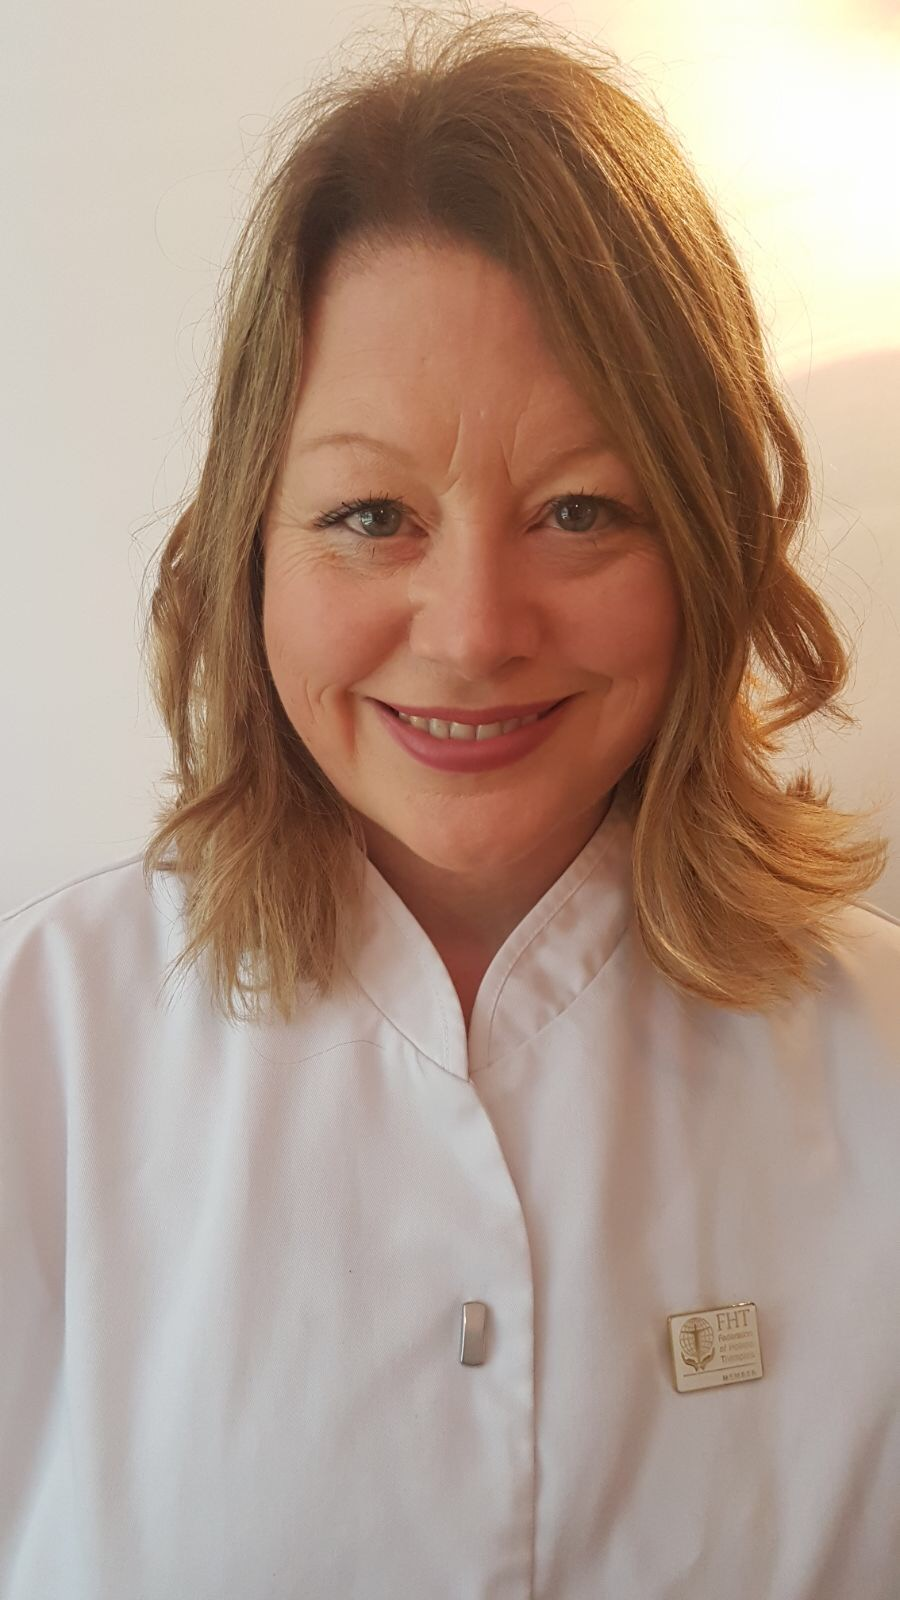 Zoe Oughton reflexologist Manchester